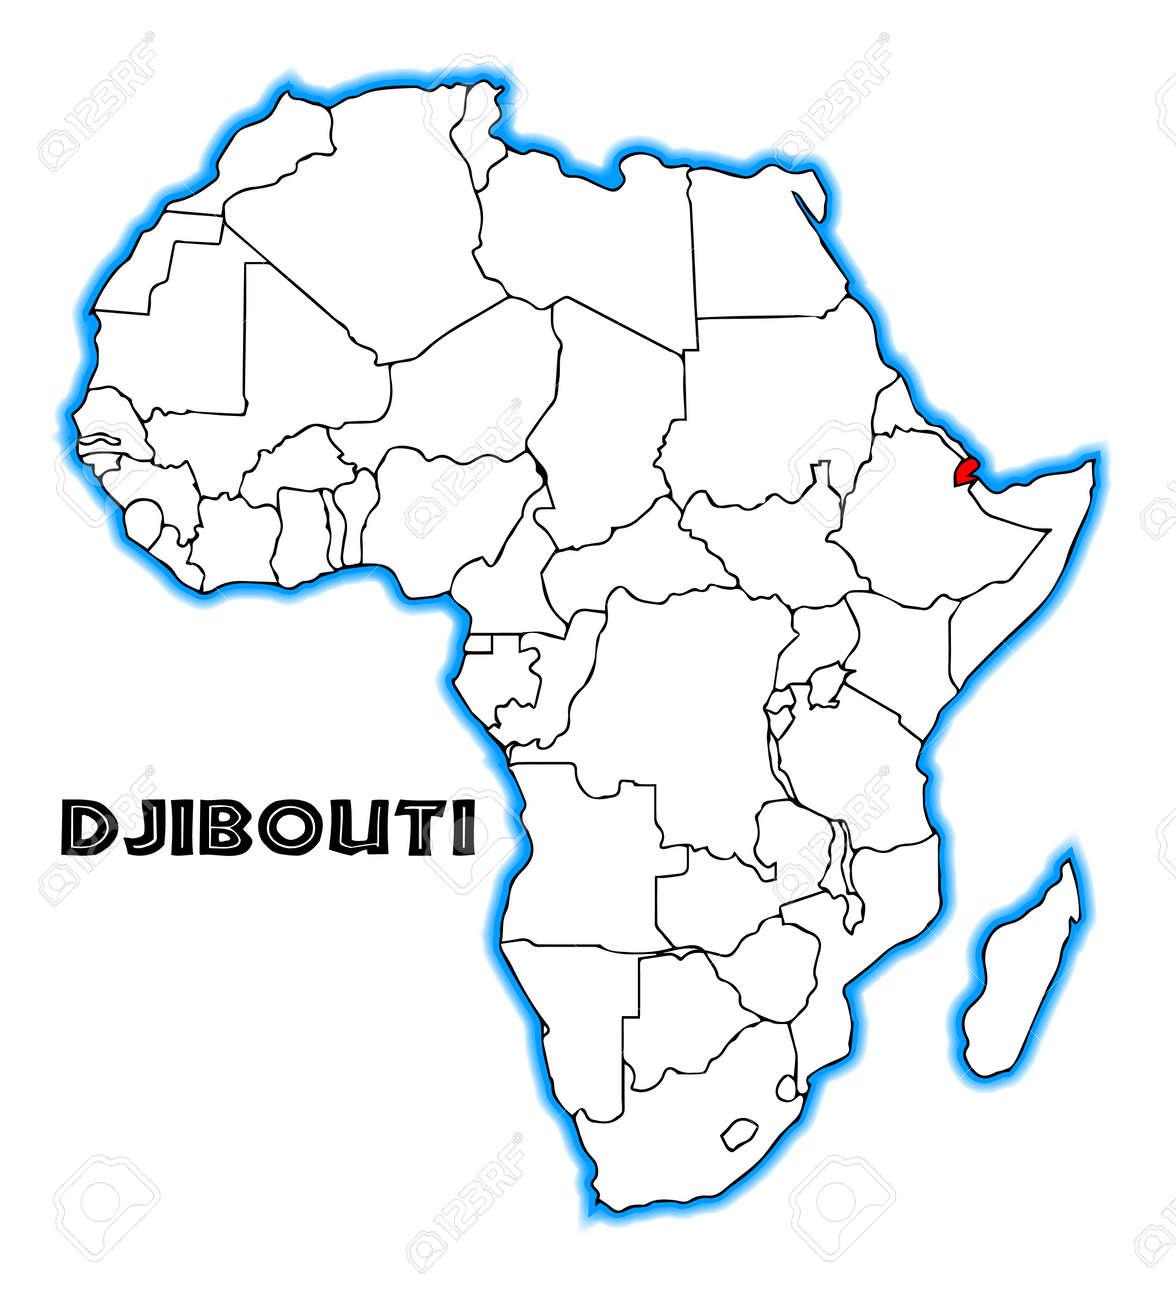 Map Of Africa Djibouti | Jackenjuul Djibouti Africa Map on